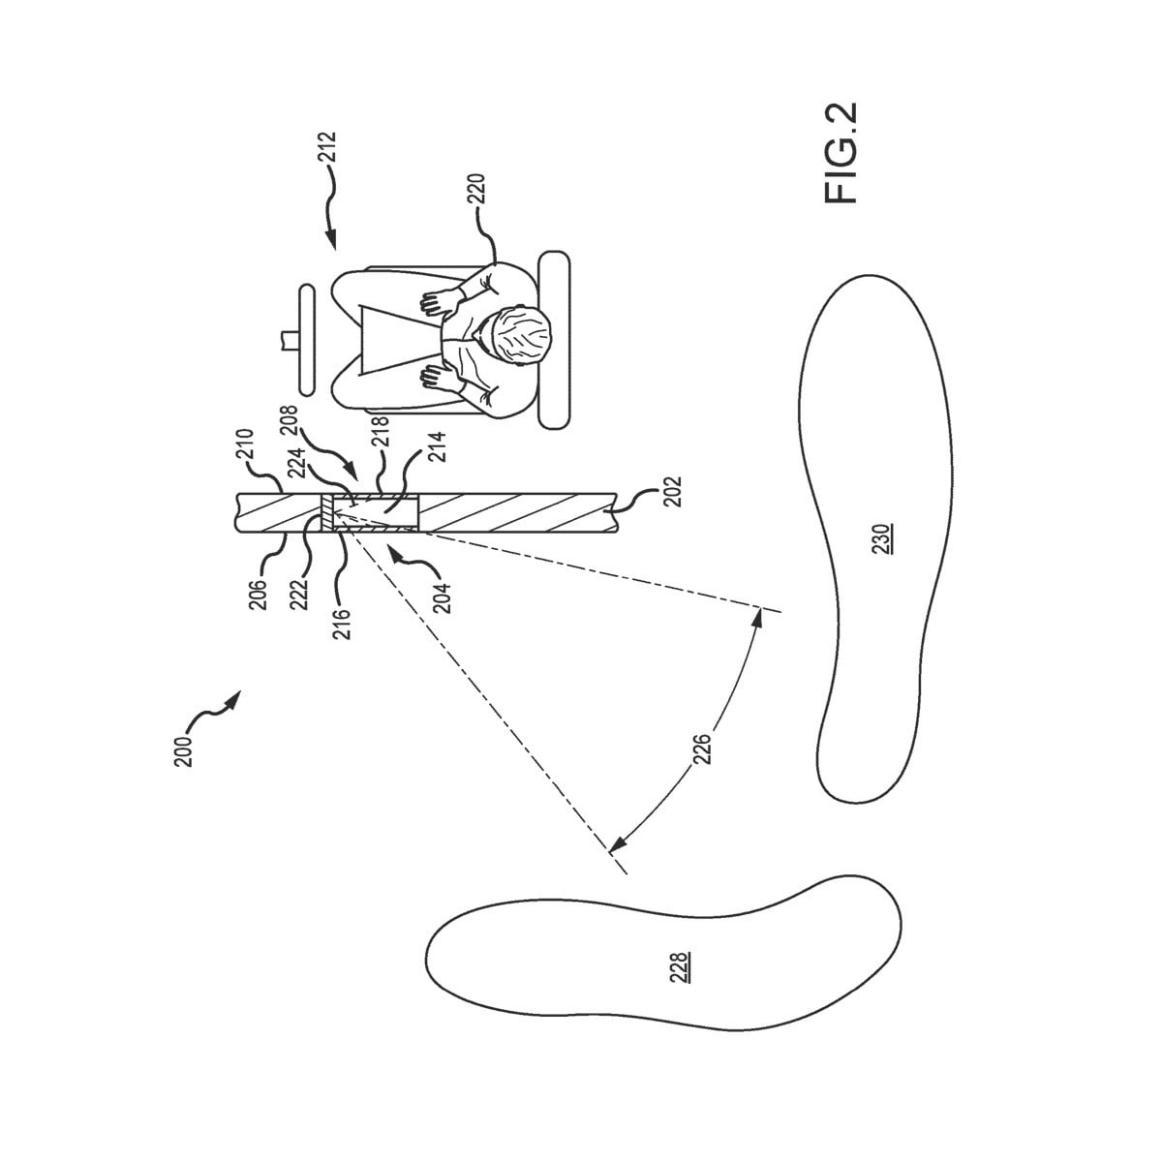 苹果新专利获批:有效消除汽车A柱视野盲区